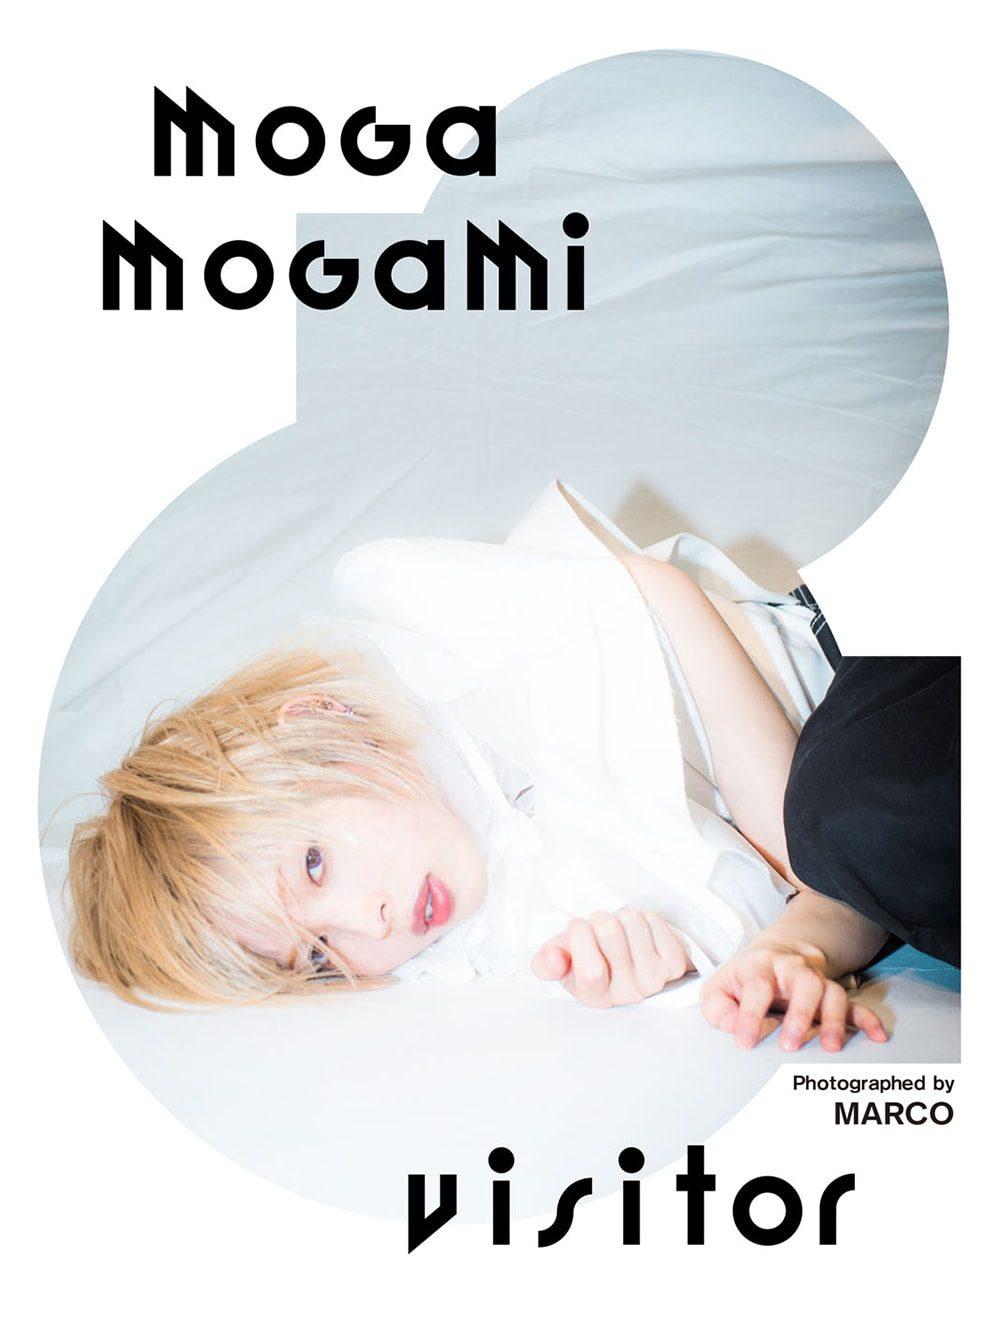 MARCOが初のデジタル写真集をリリース、モデルに最上もがを迎えApple Booksで配信中